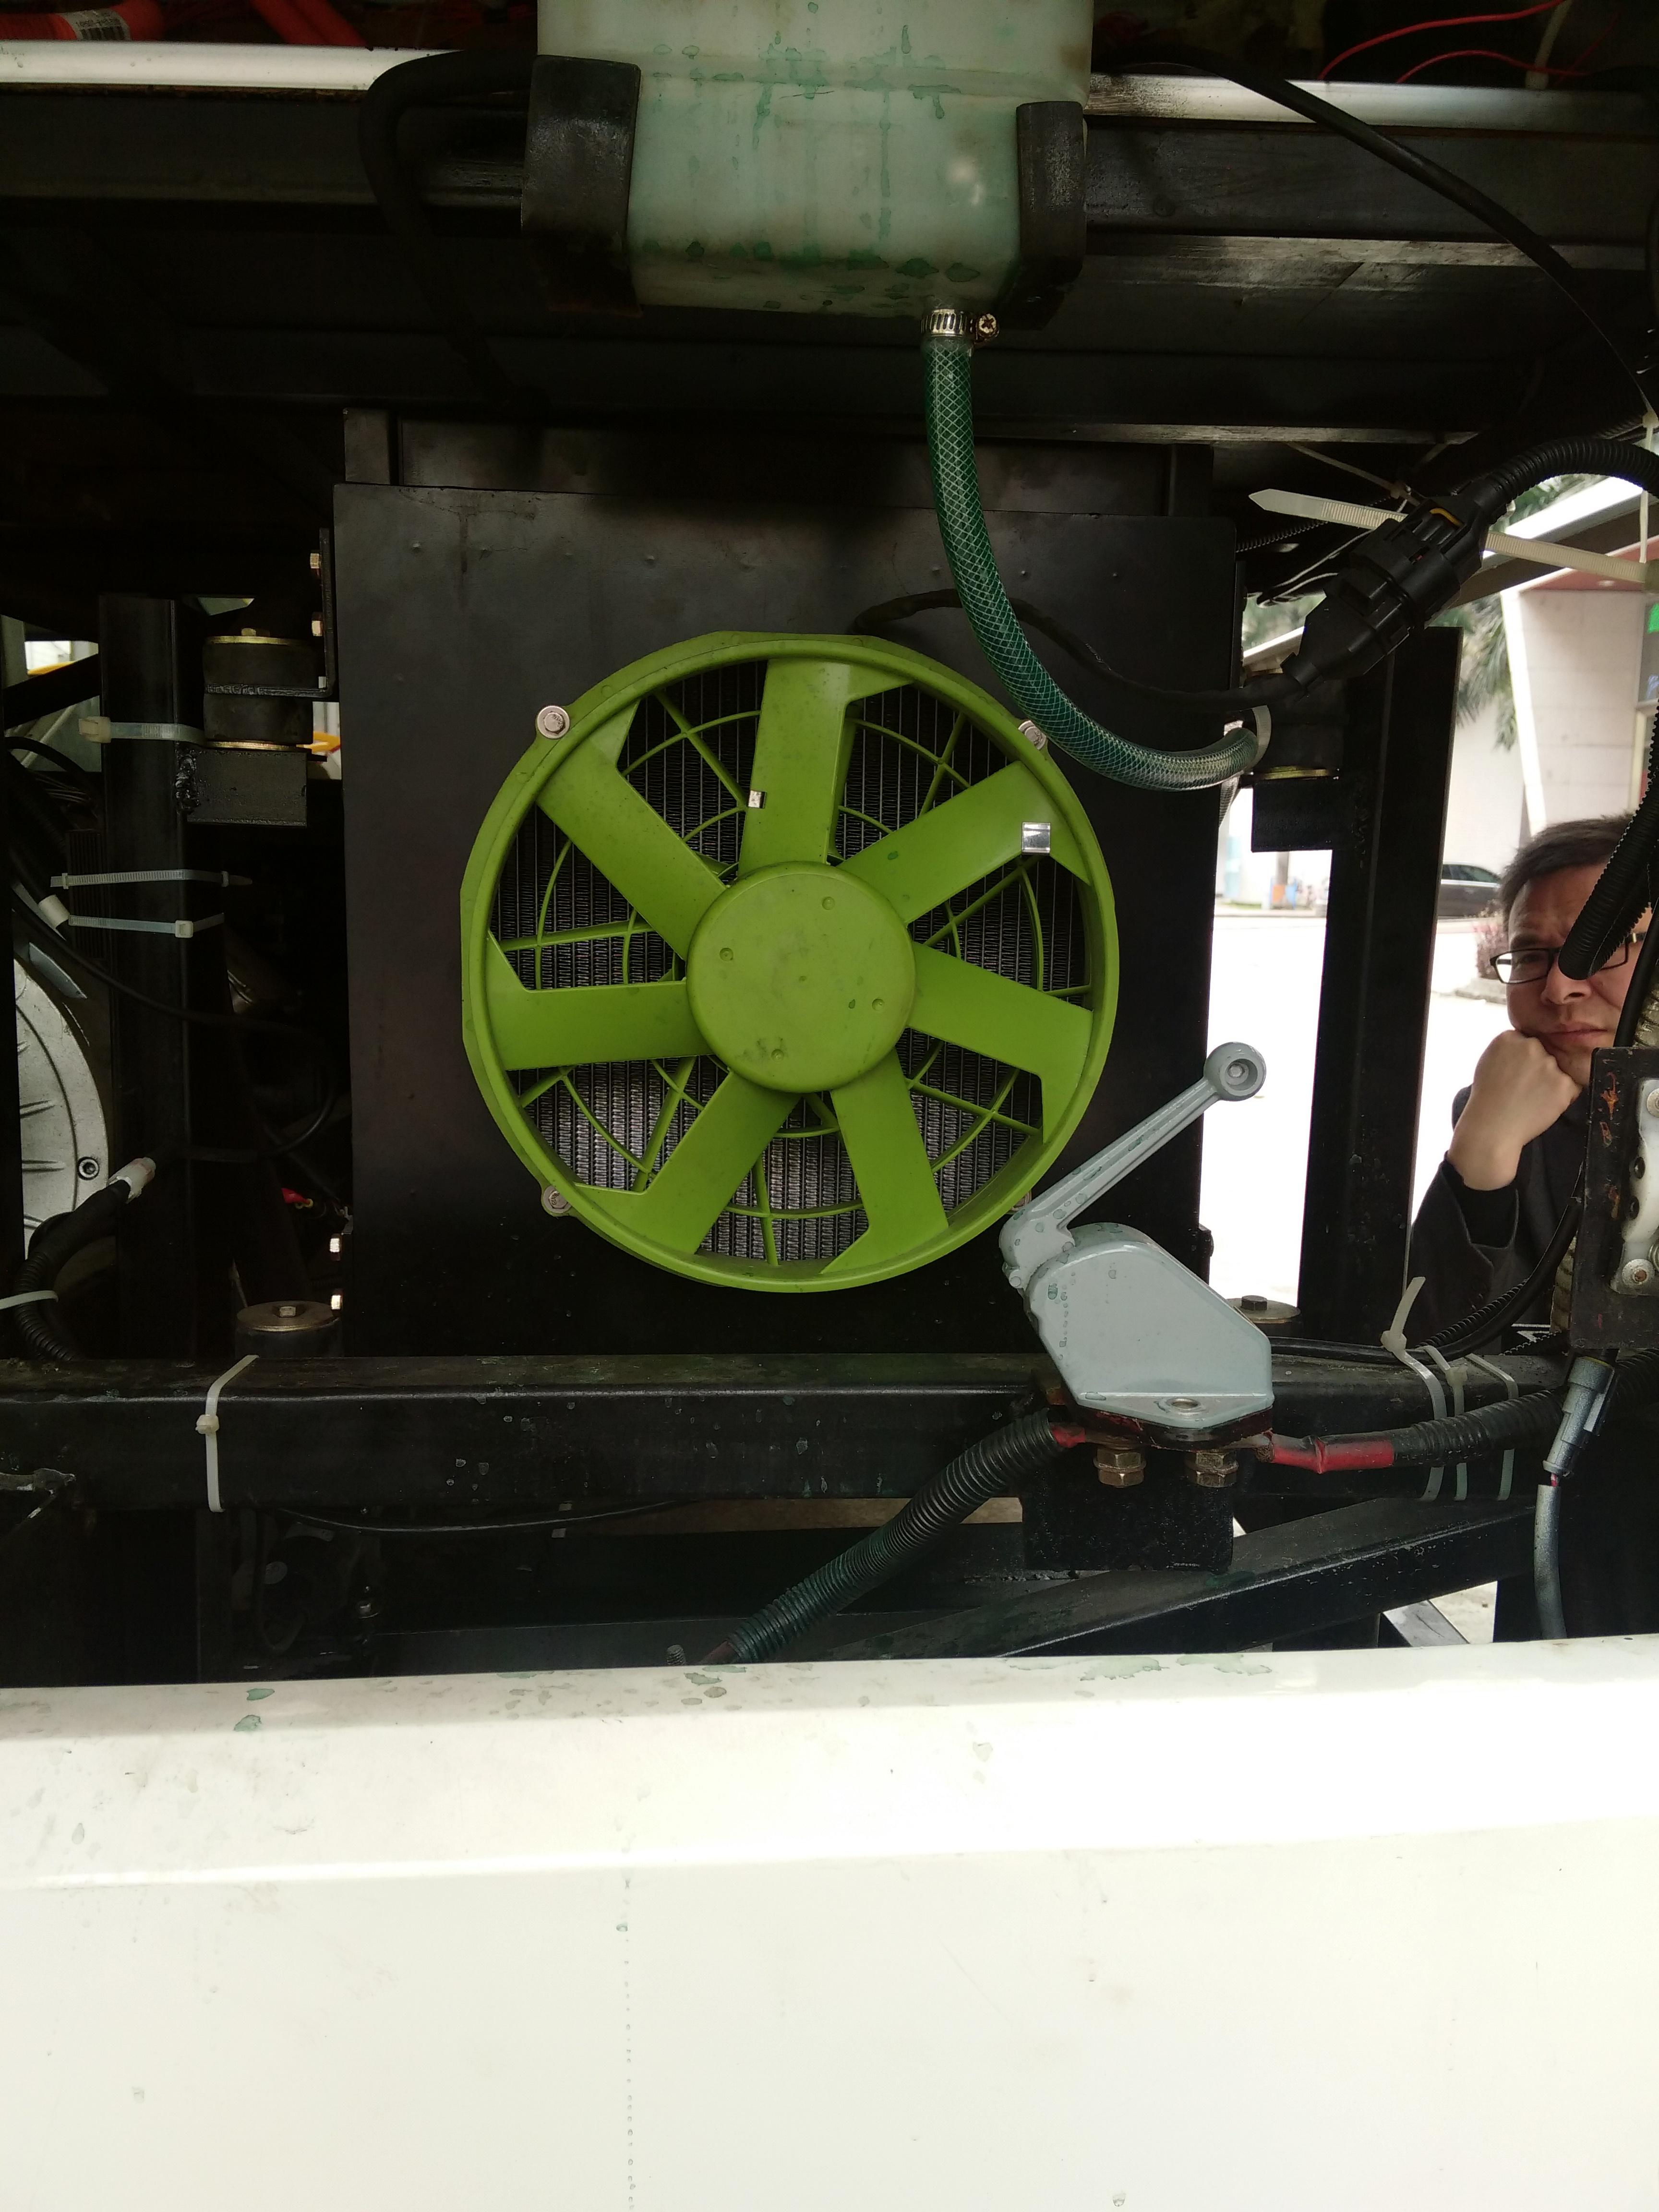 中国电机网_发动机散热ATS系统、电动汽车电机散热ATS系统、汽车散热风扇 ...